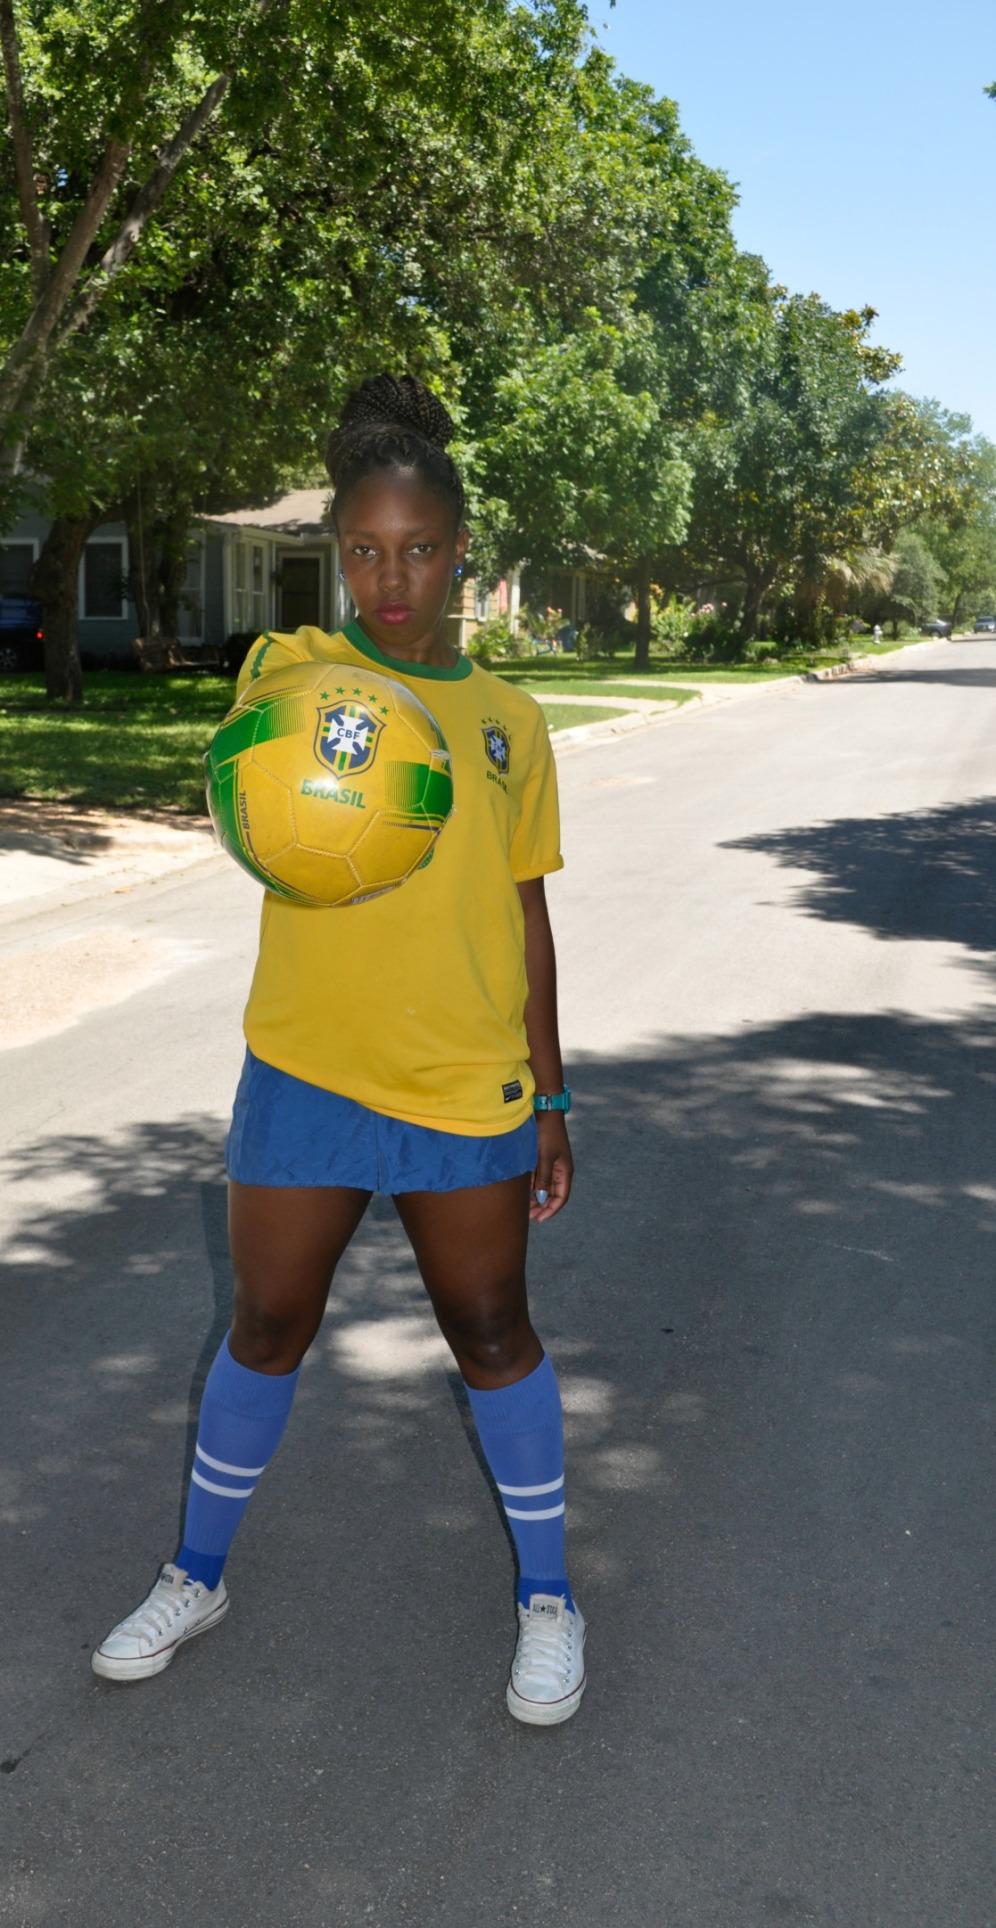 Brasil Ball